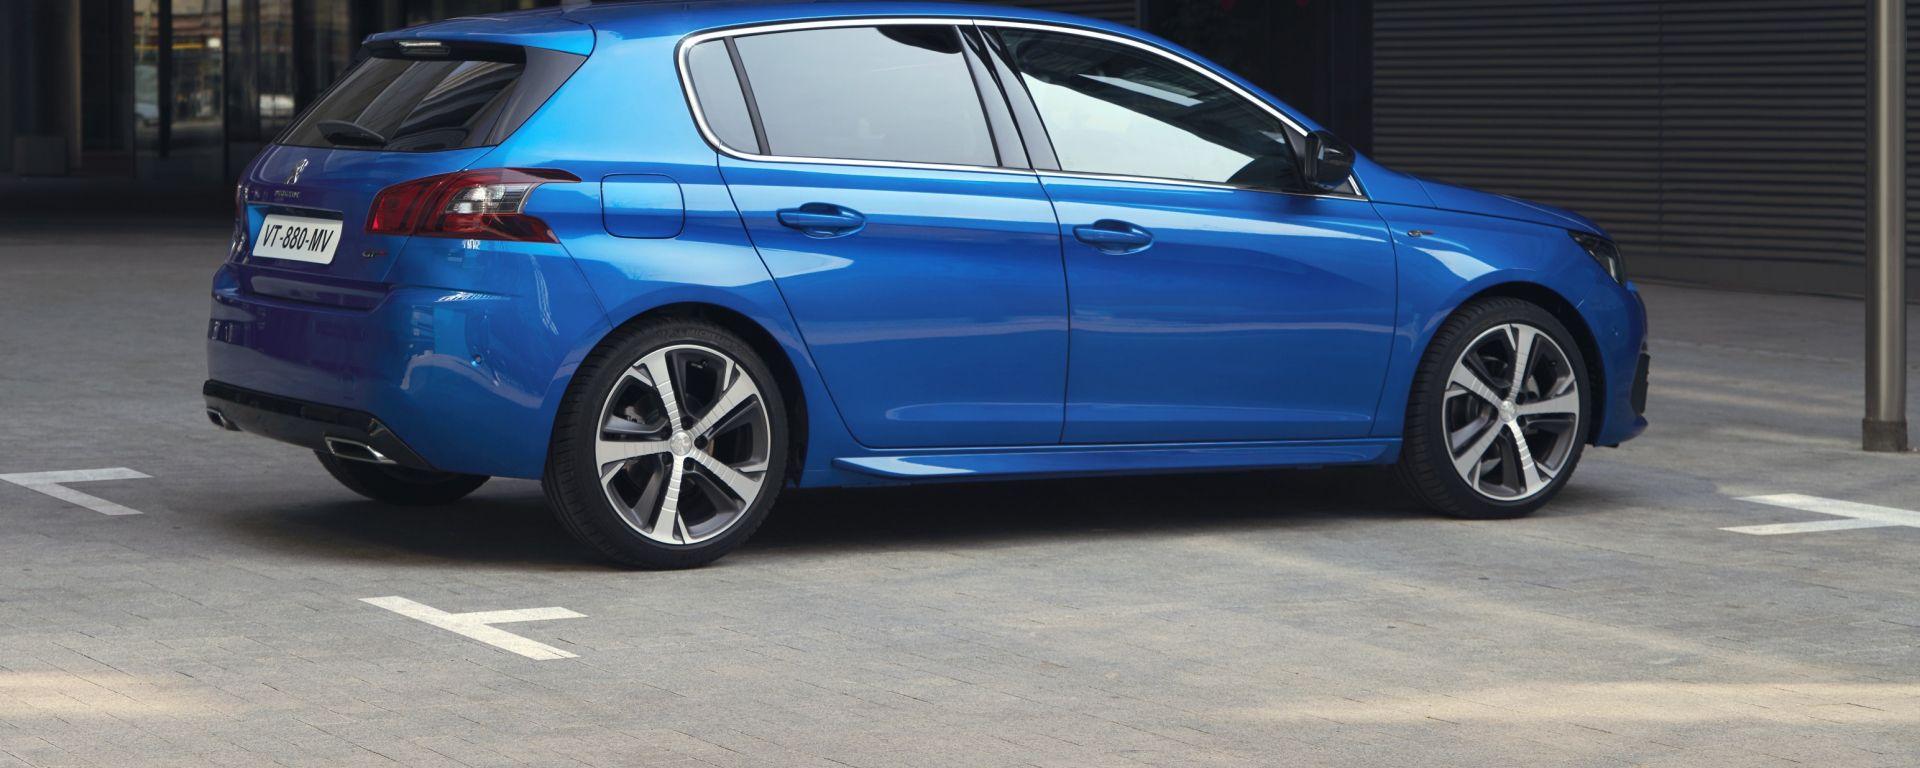 Nuova Peugeot 308: vista laterale posteriore